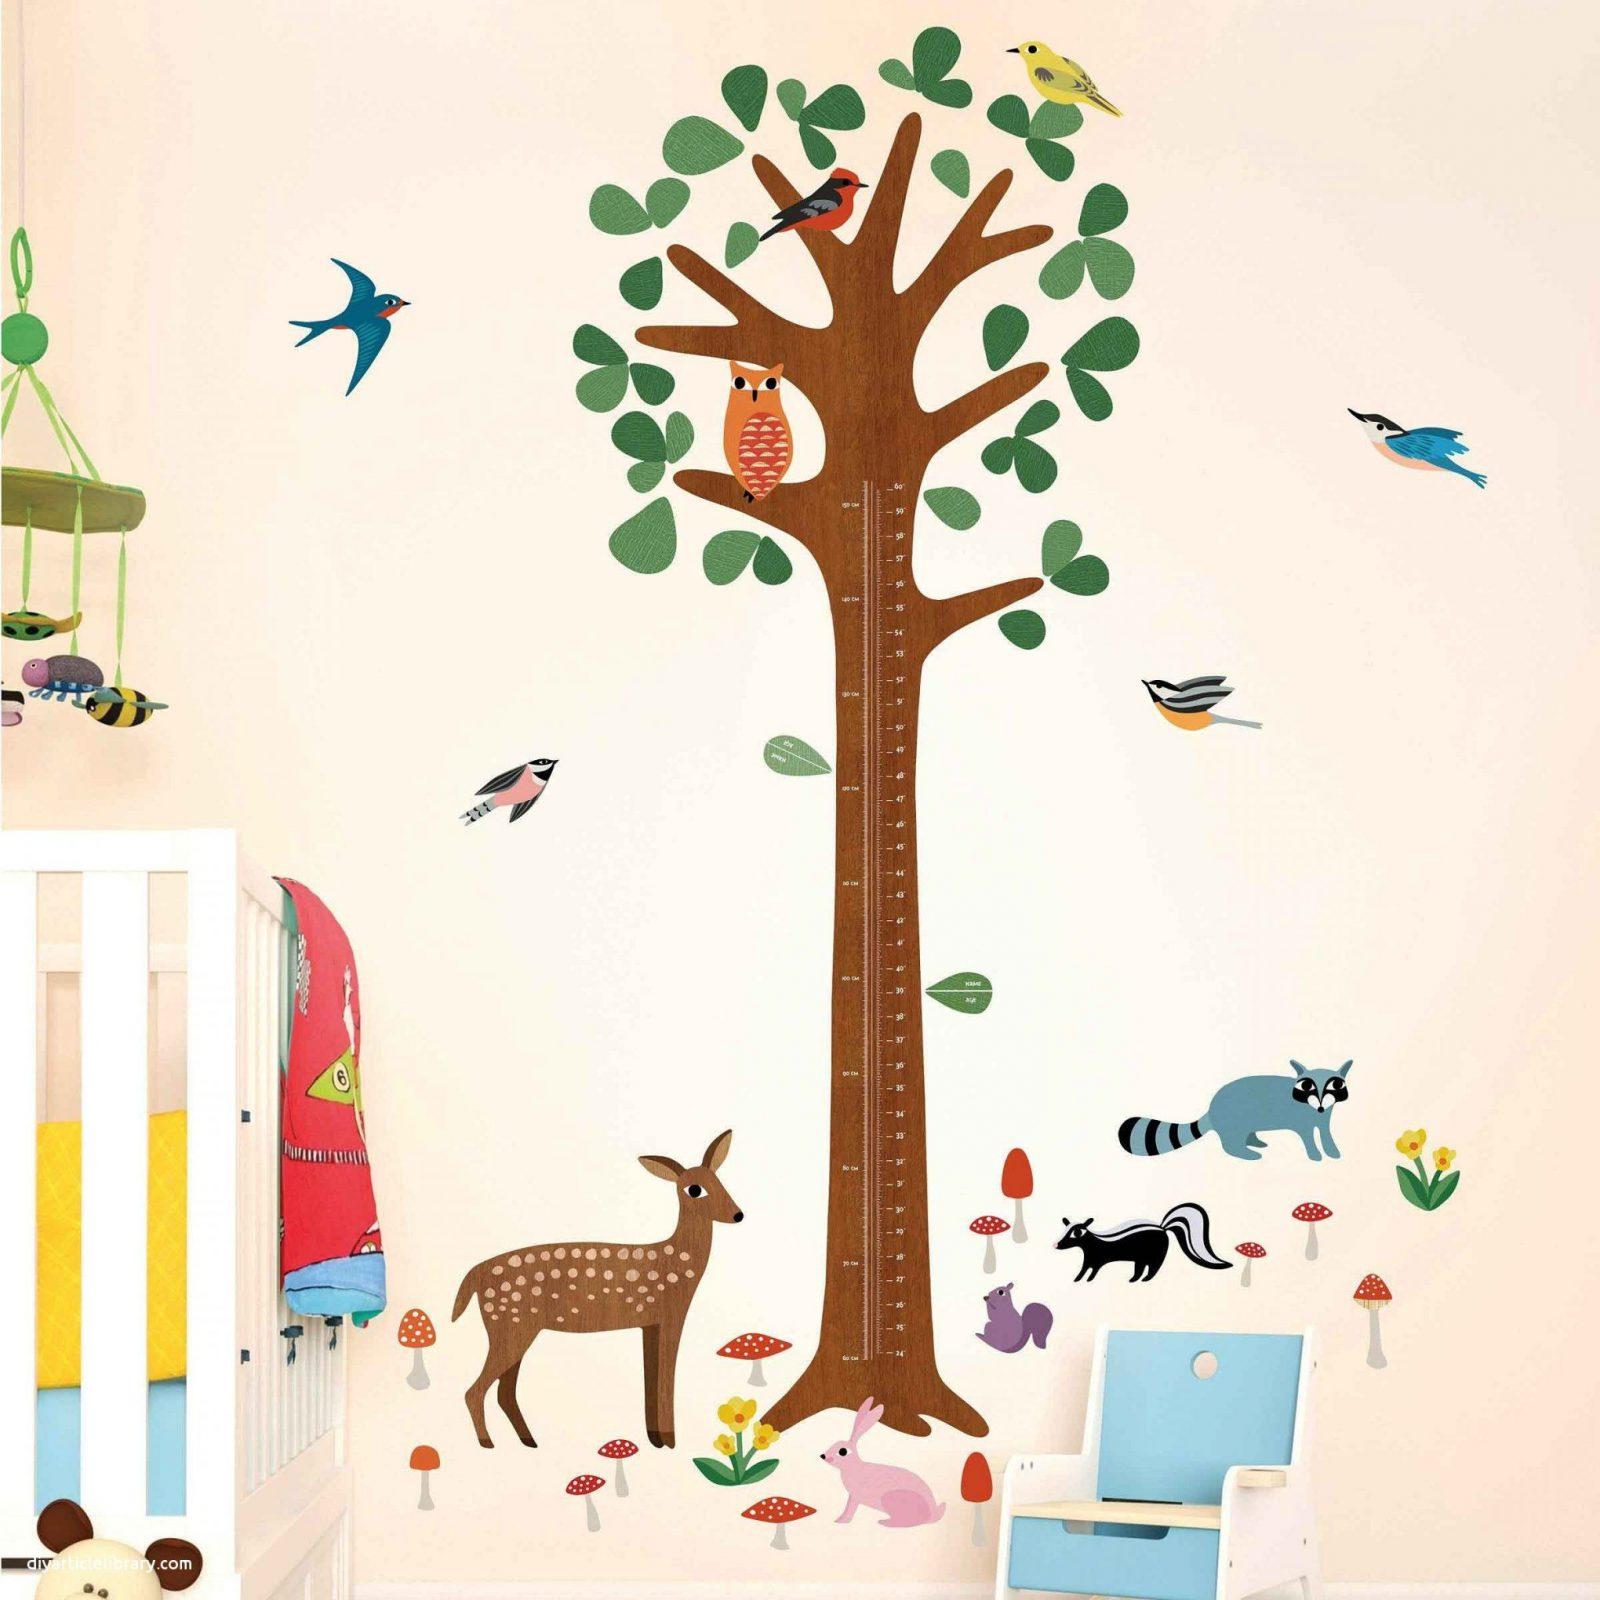 Wohnideen  Kinderzimmer Baum Wandtattoo Mit Frisch Kinderzimmer von Wandtattoo Baum Kinderzimmer Xxl Photo